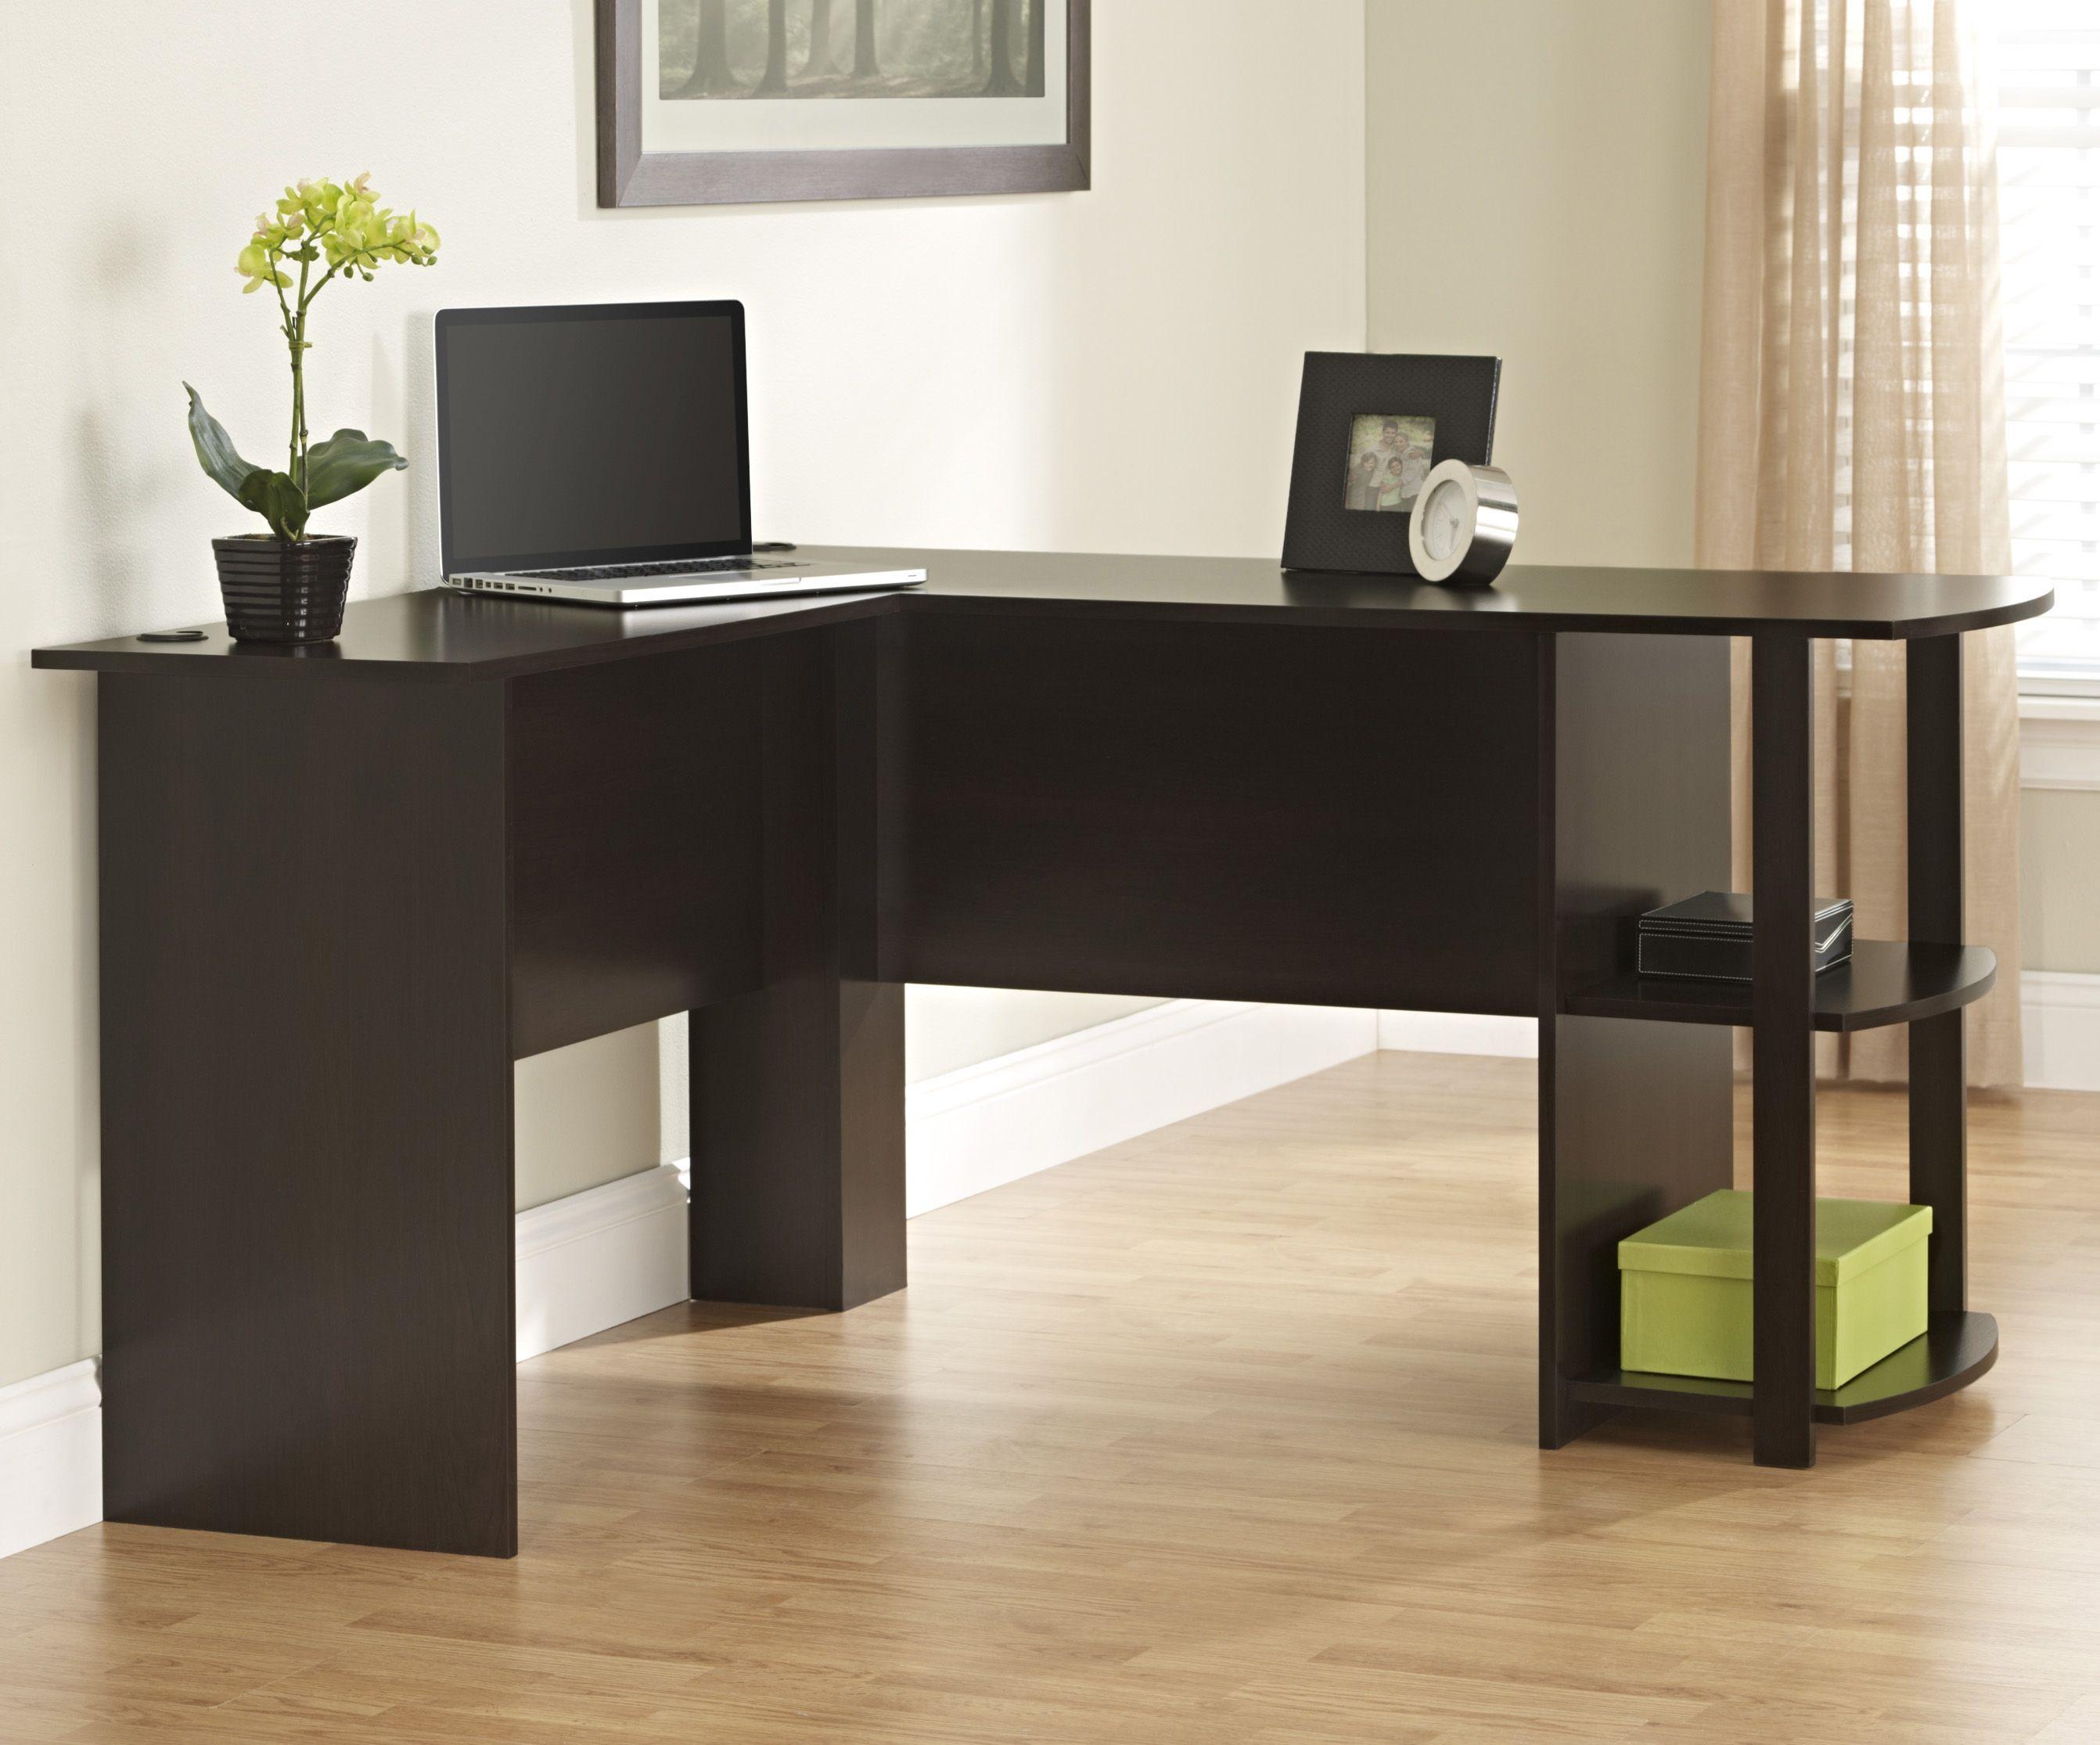 Ameriwood Computer Desk With 2 Shelves